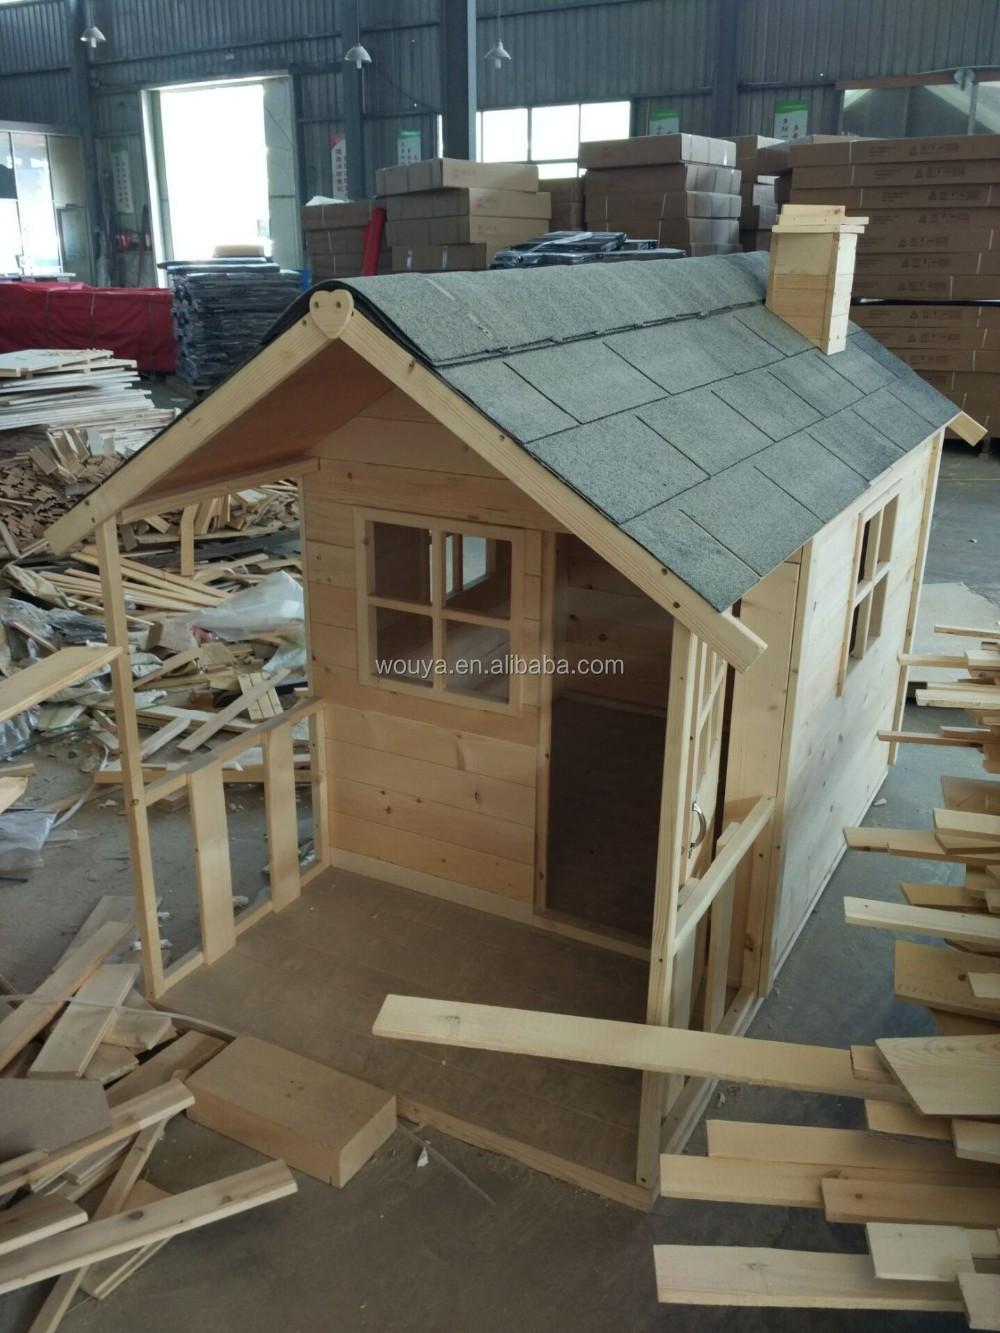 customed diseo casa de juegos de madera utilizado para nios sets de juegos al aire libre